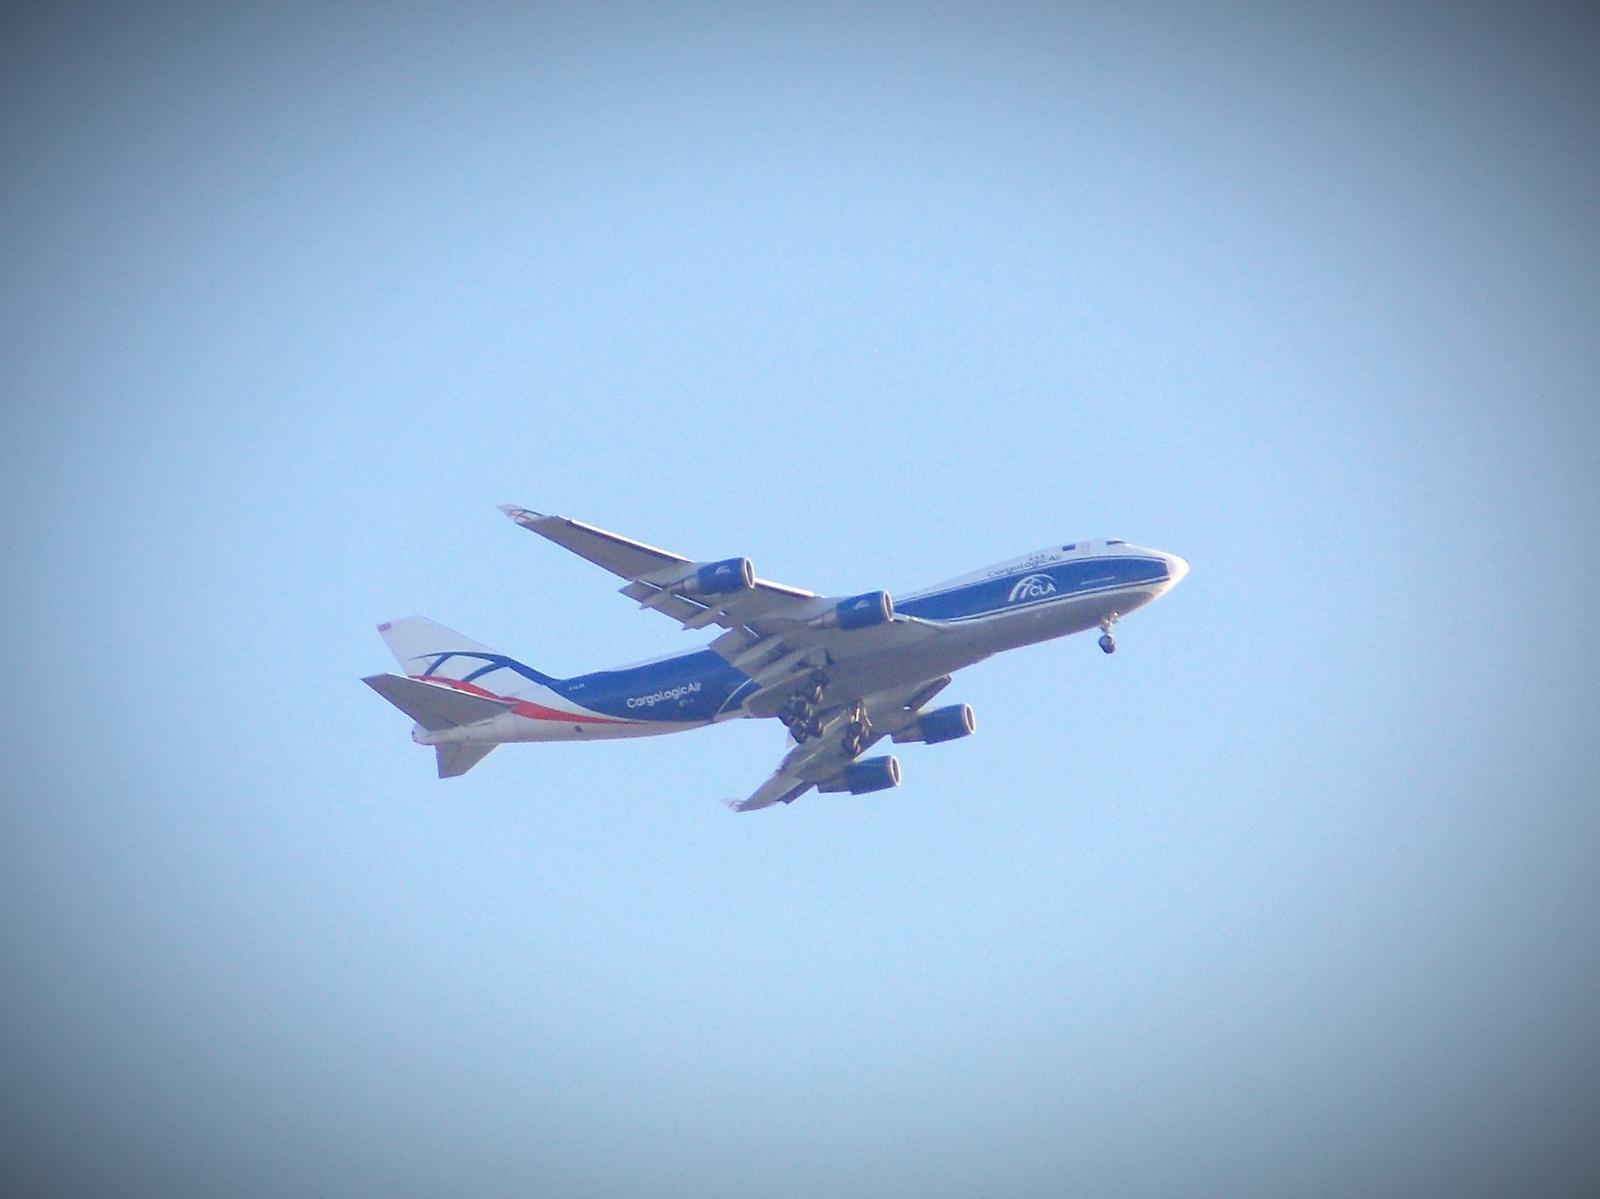 CargoLogicAir G-CLBA